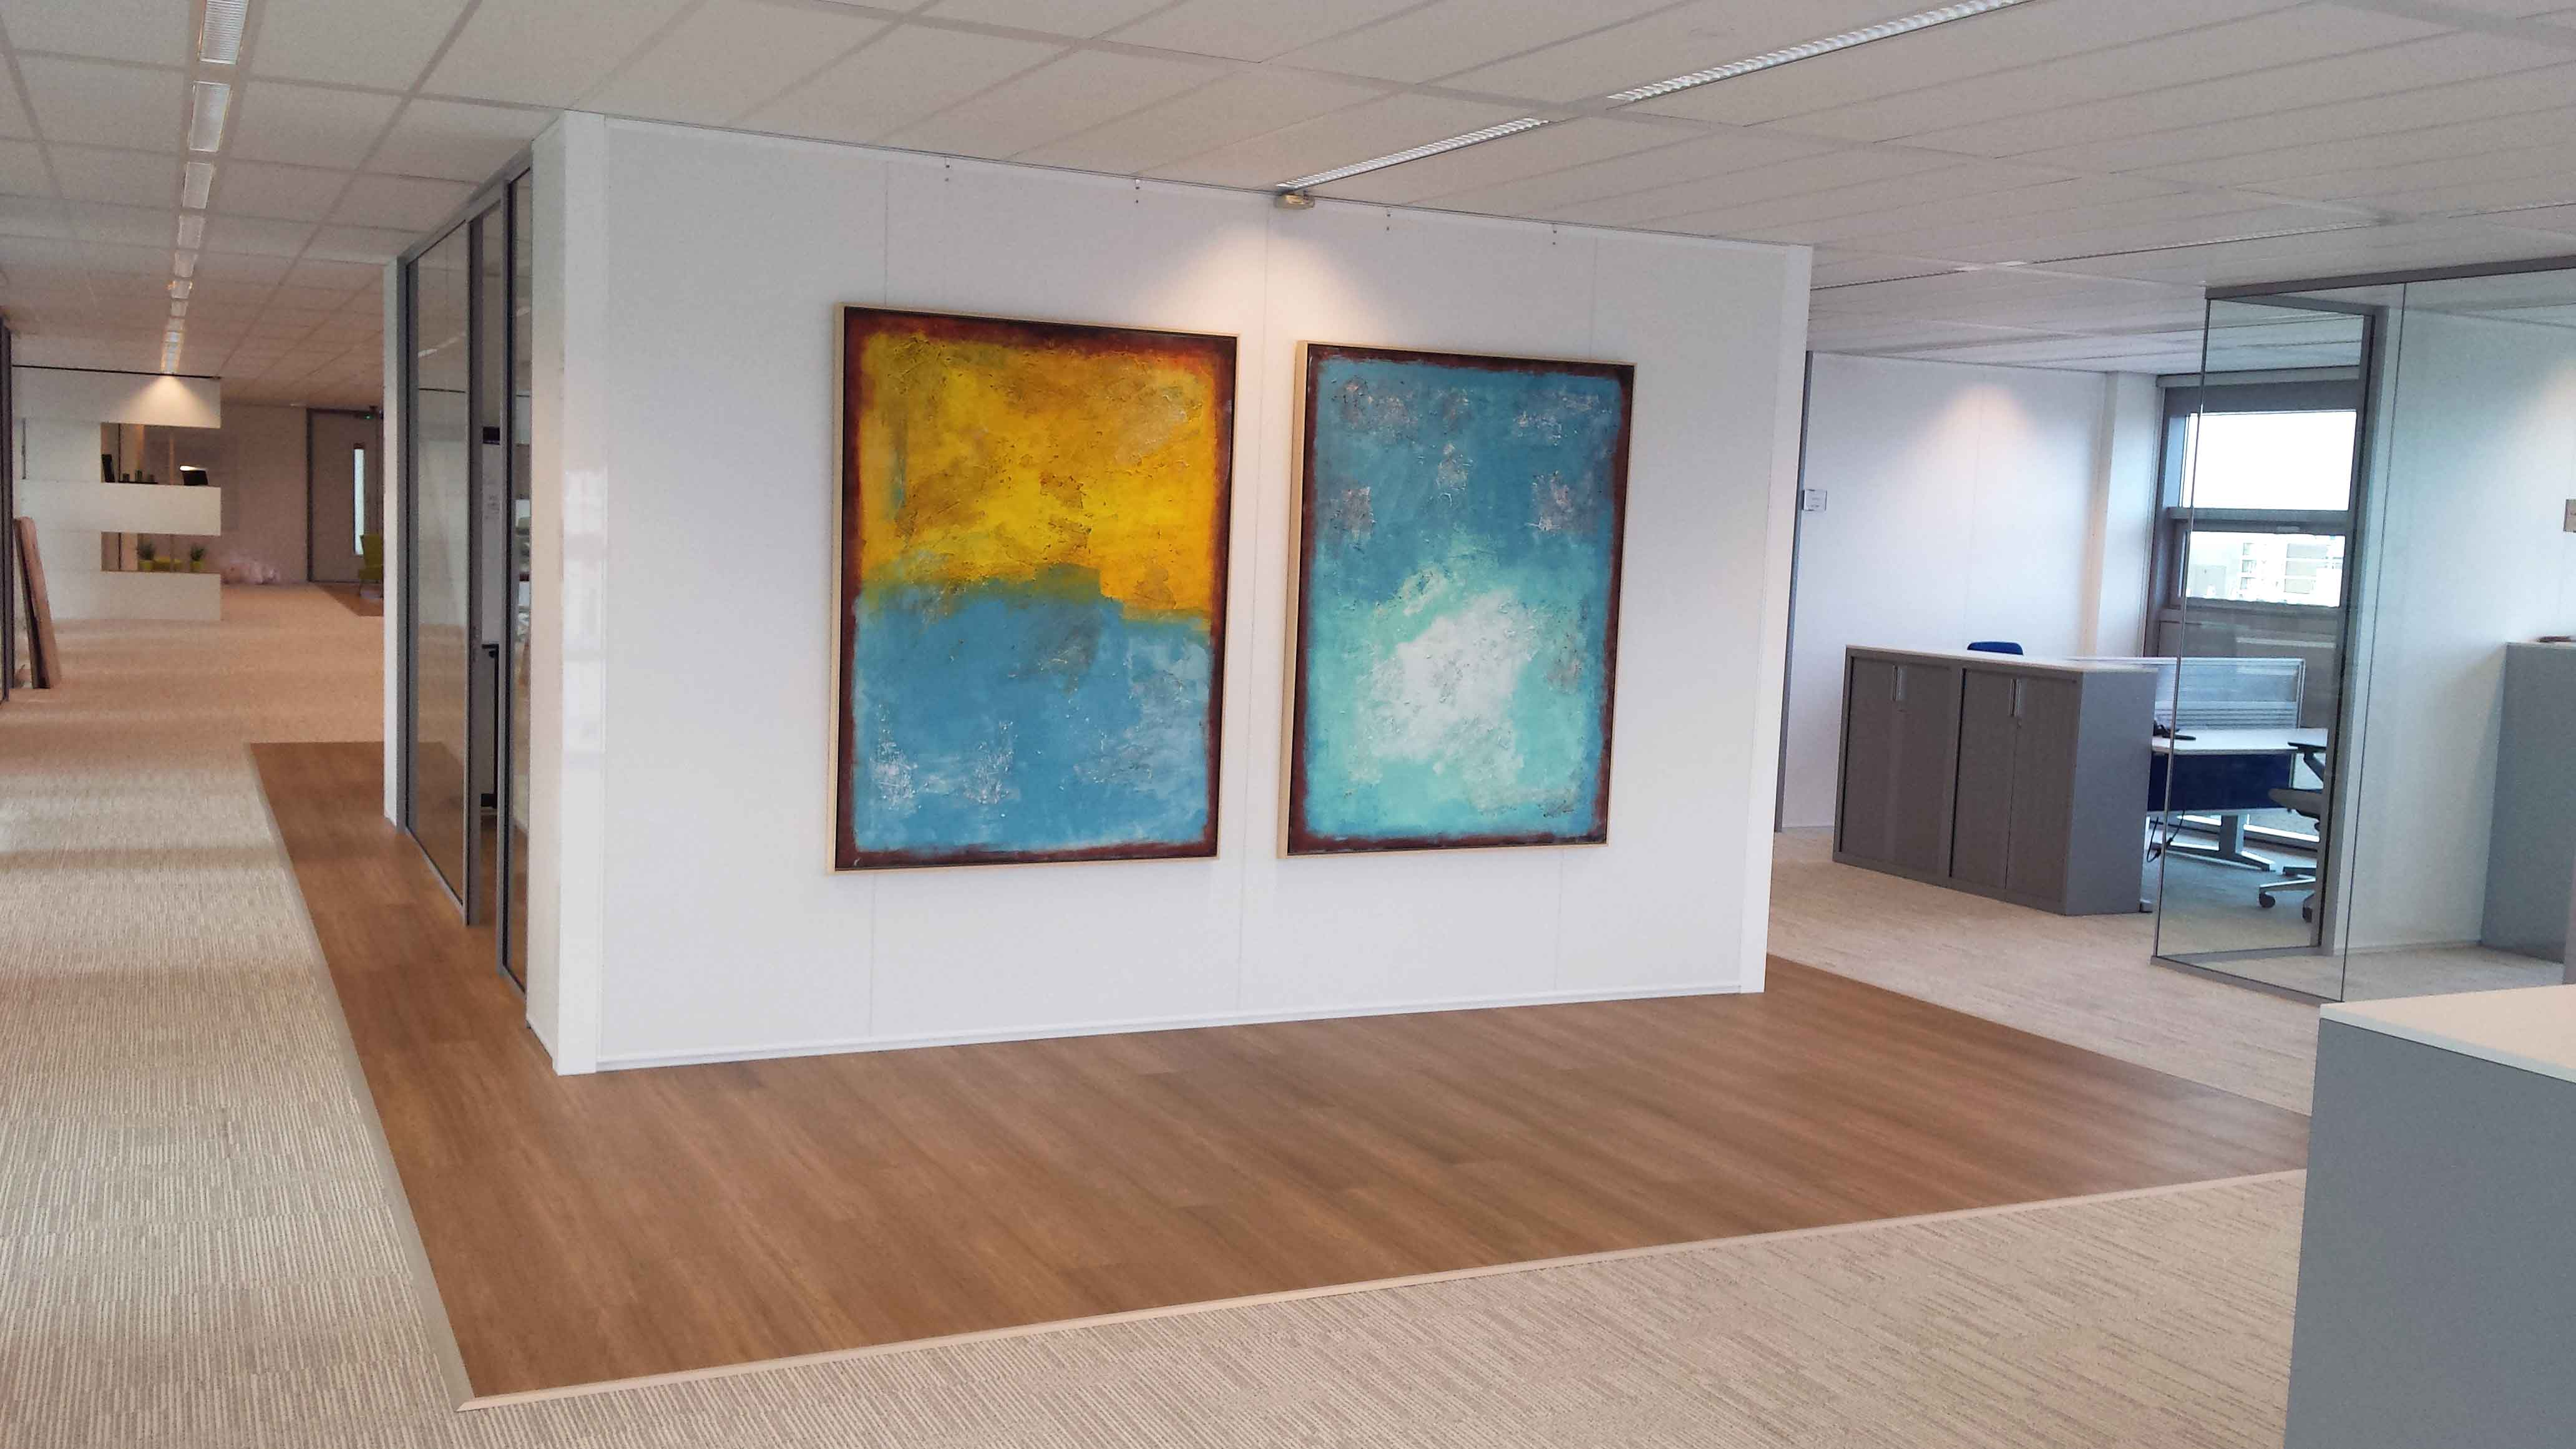 kantoor kunst